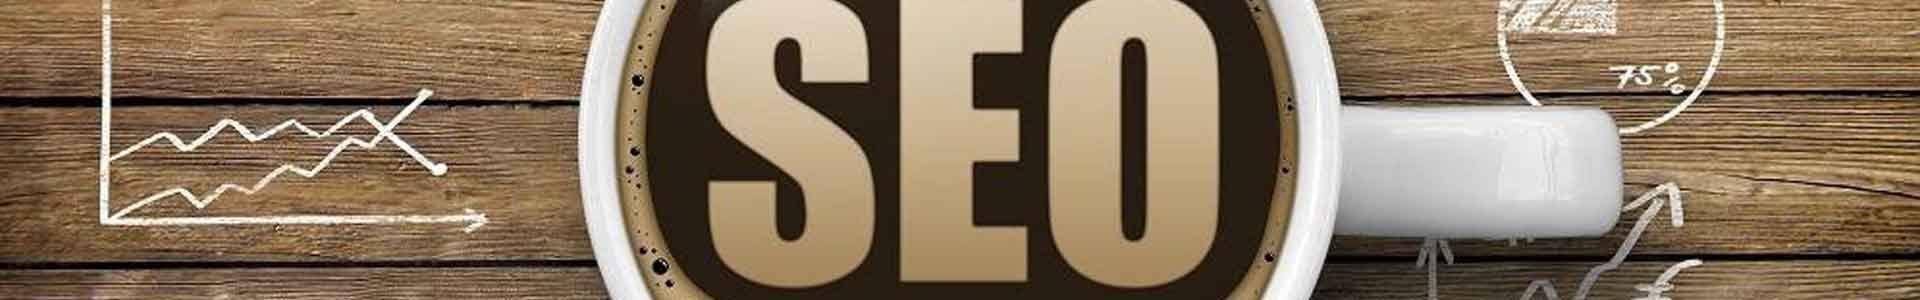 Met deze 15 SEO (zoekmachine optimalisatie) tips vergroot jij jouw online vindbaarheid